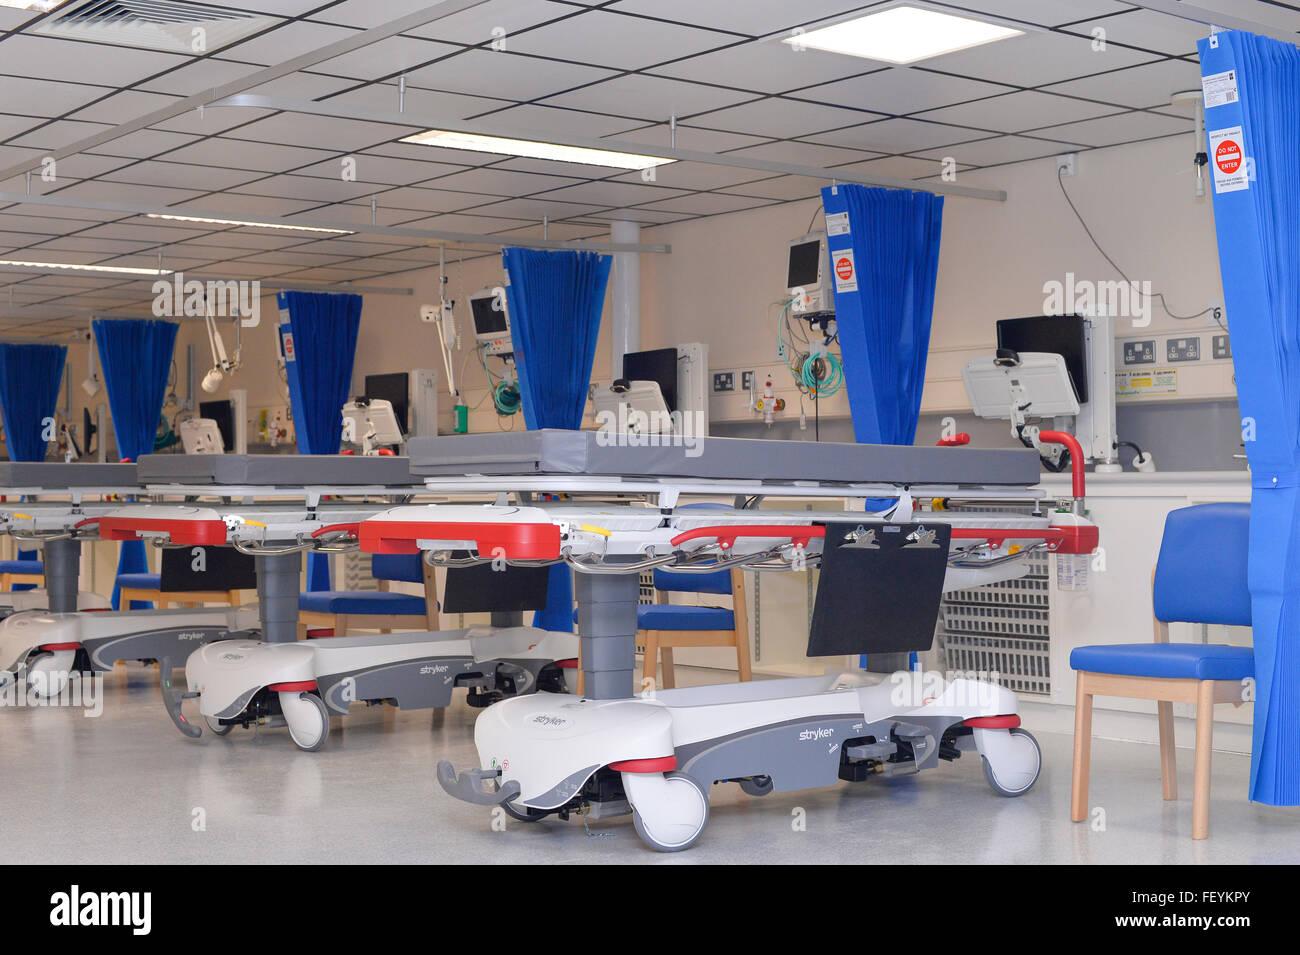 Un equipo de limpieza profesional matorrales, spray y limpie todas las superficies en salas de hospital. Crédito: Euan Cherry Foto de stock